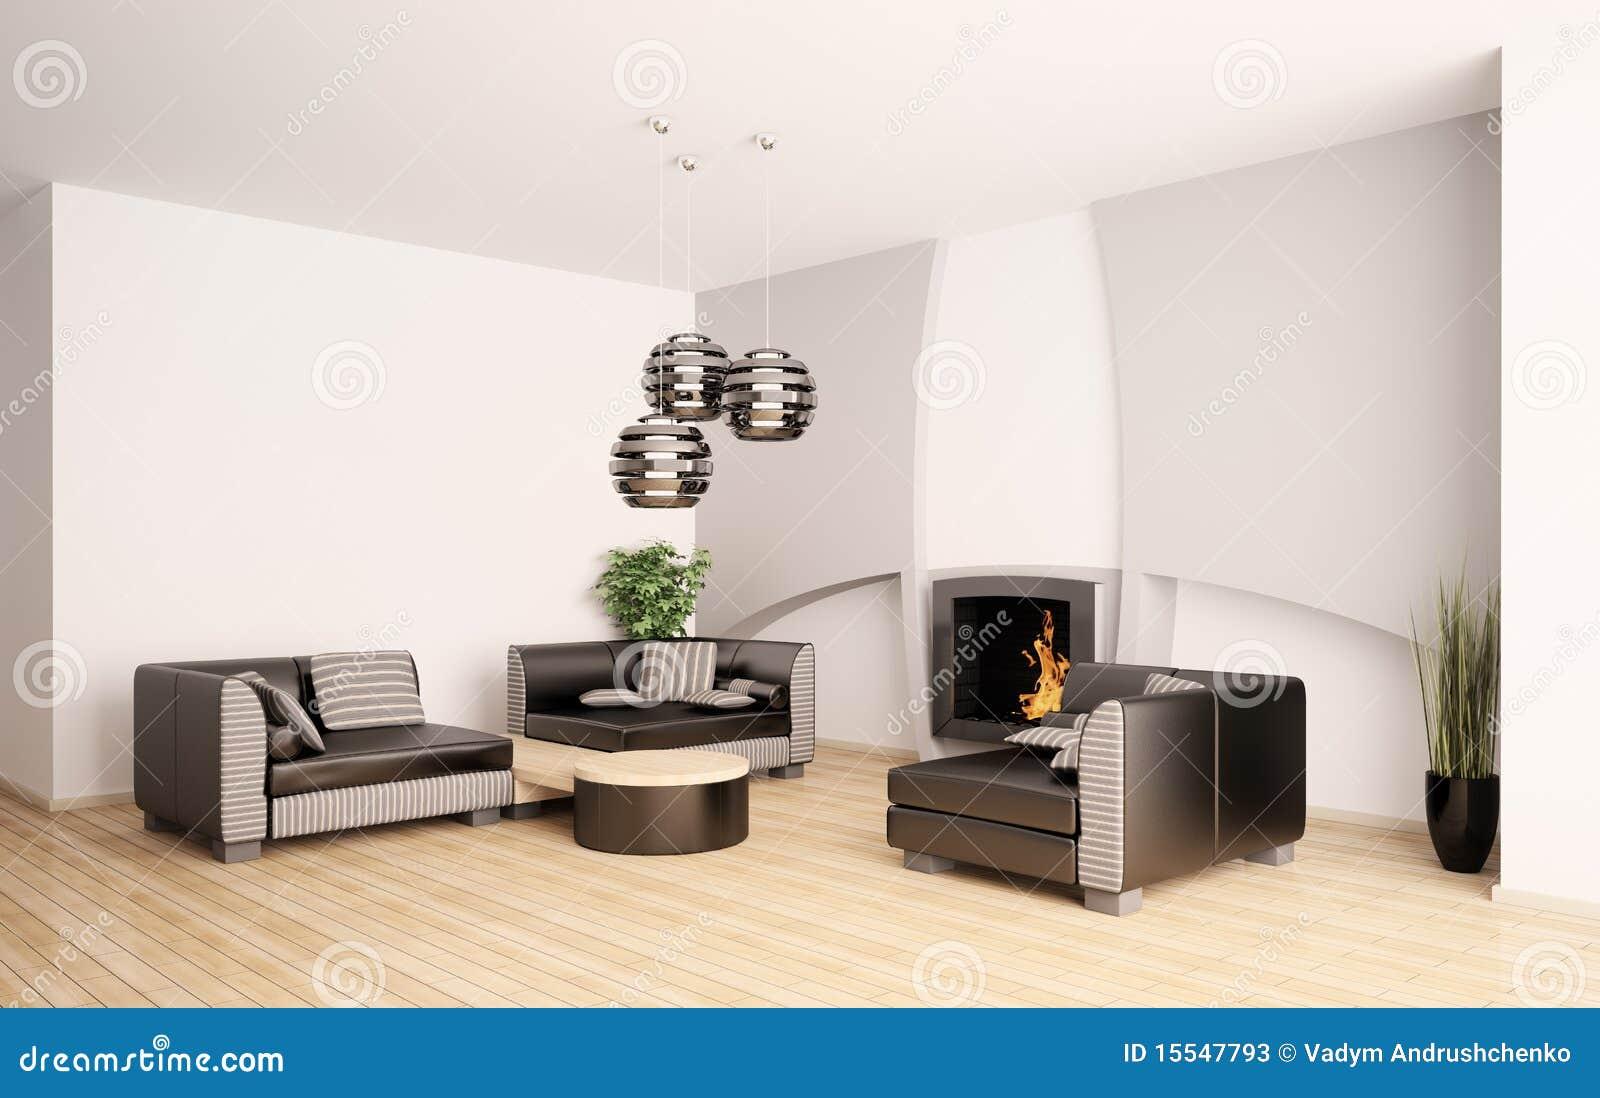 Wand Modern Wohnzimmer ElvenBride